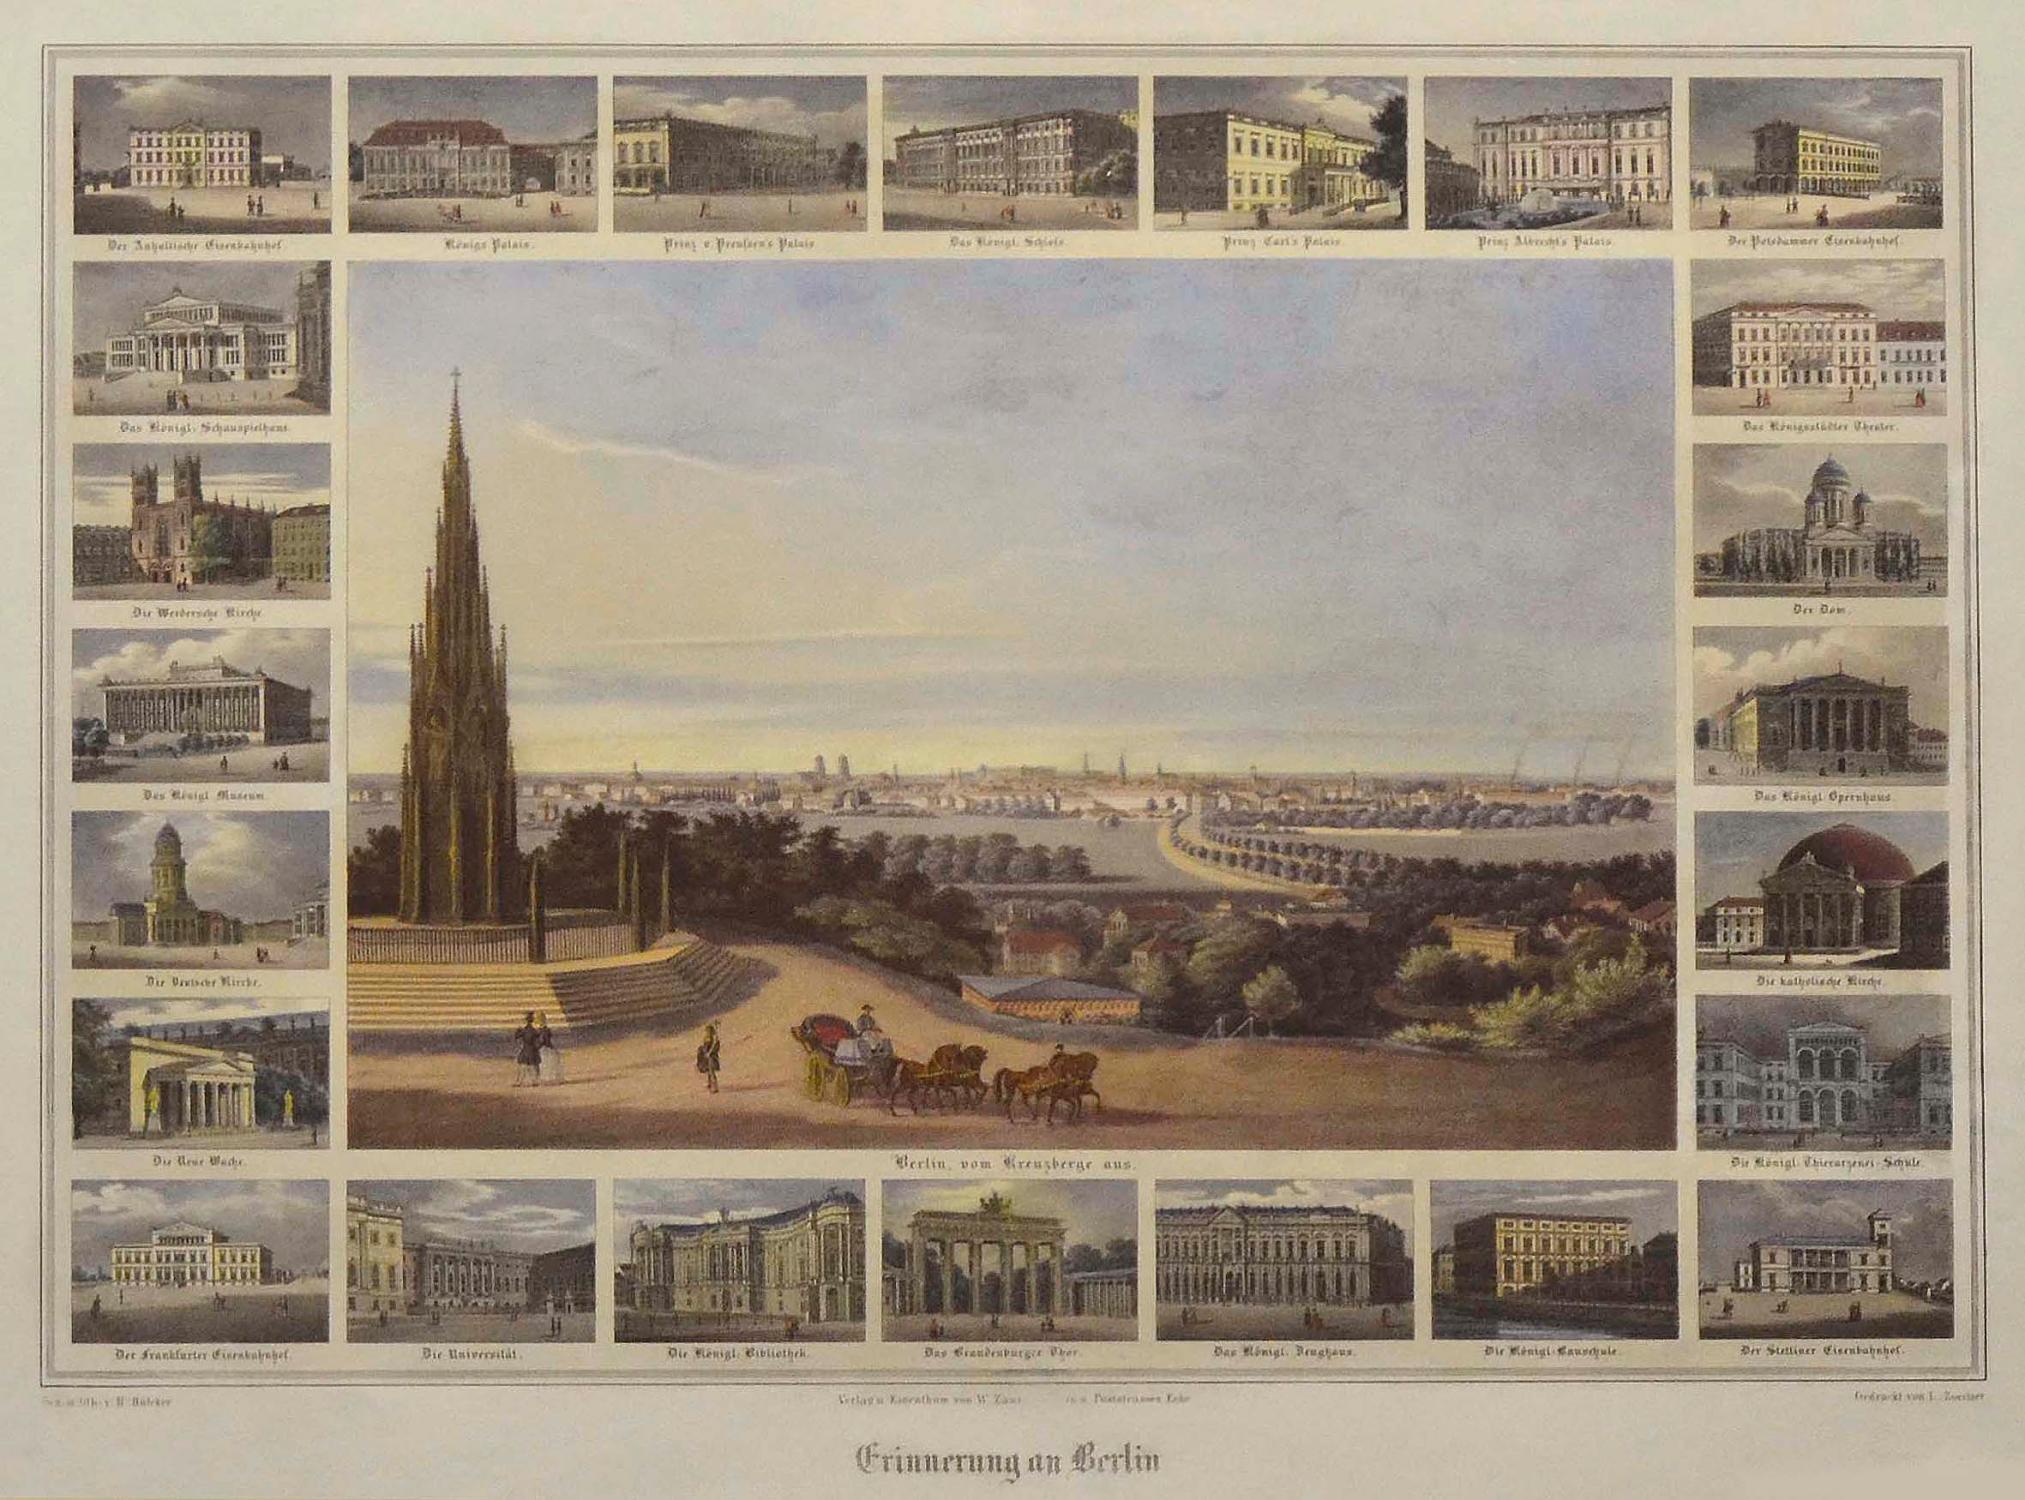 viaLibri ~ Rare Books from 1850 - Page 30